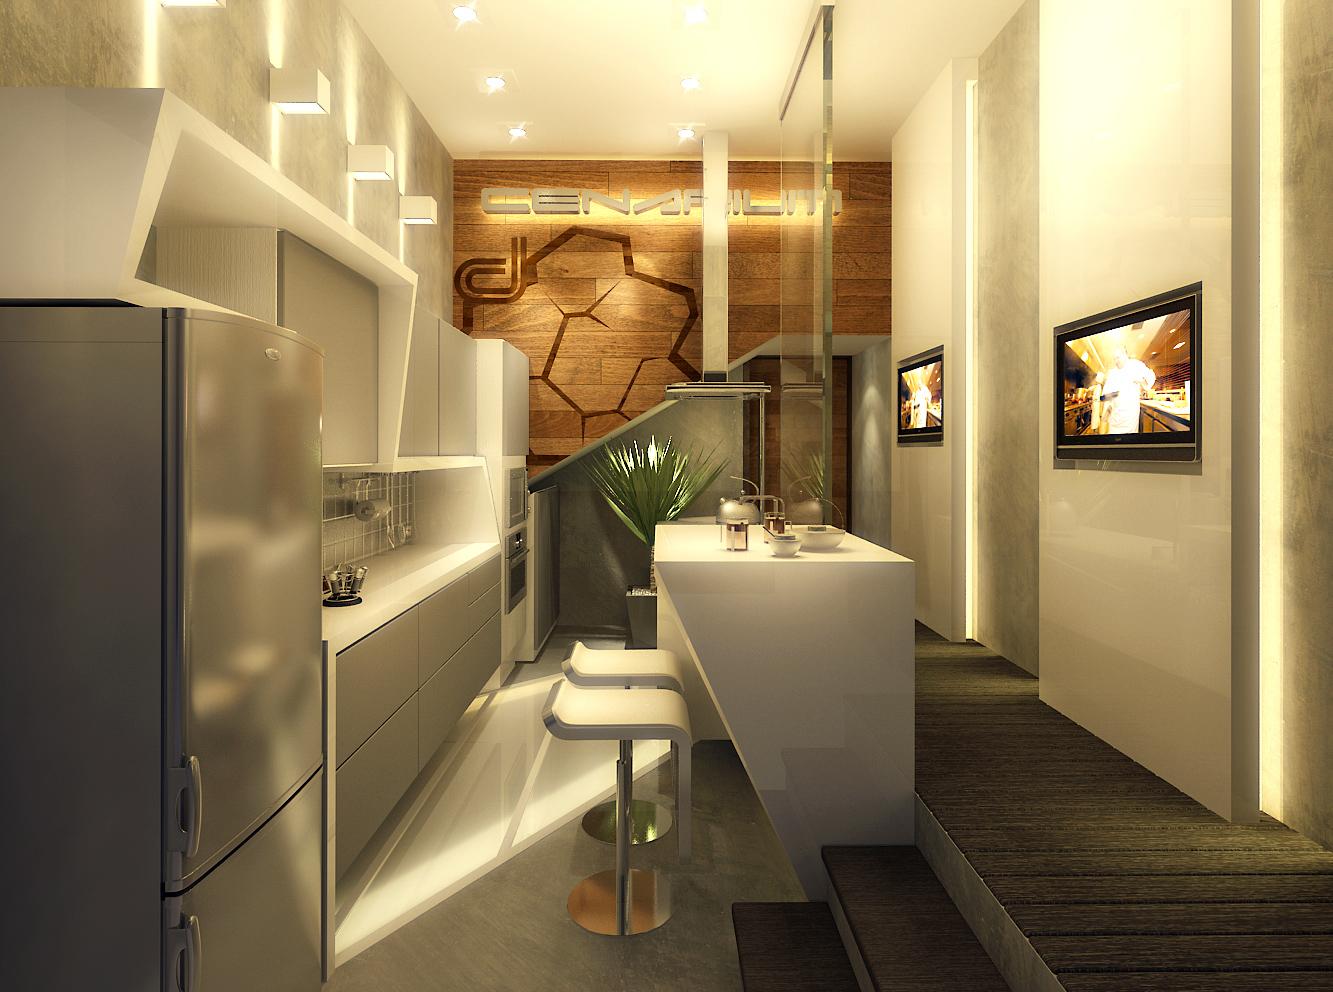 02-cenariumd-santos-mazzark-arquitetos-design-interiores-cozinha-marcenaria-iluminada-copa